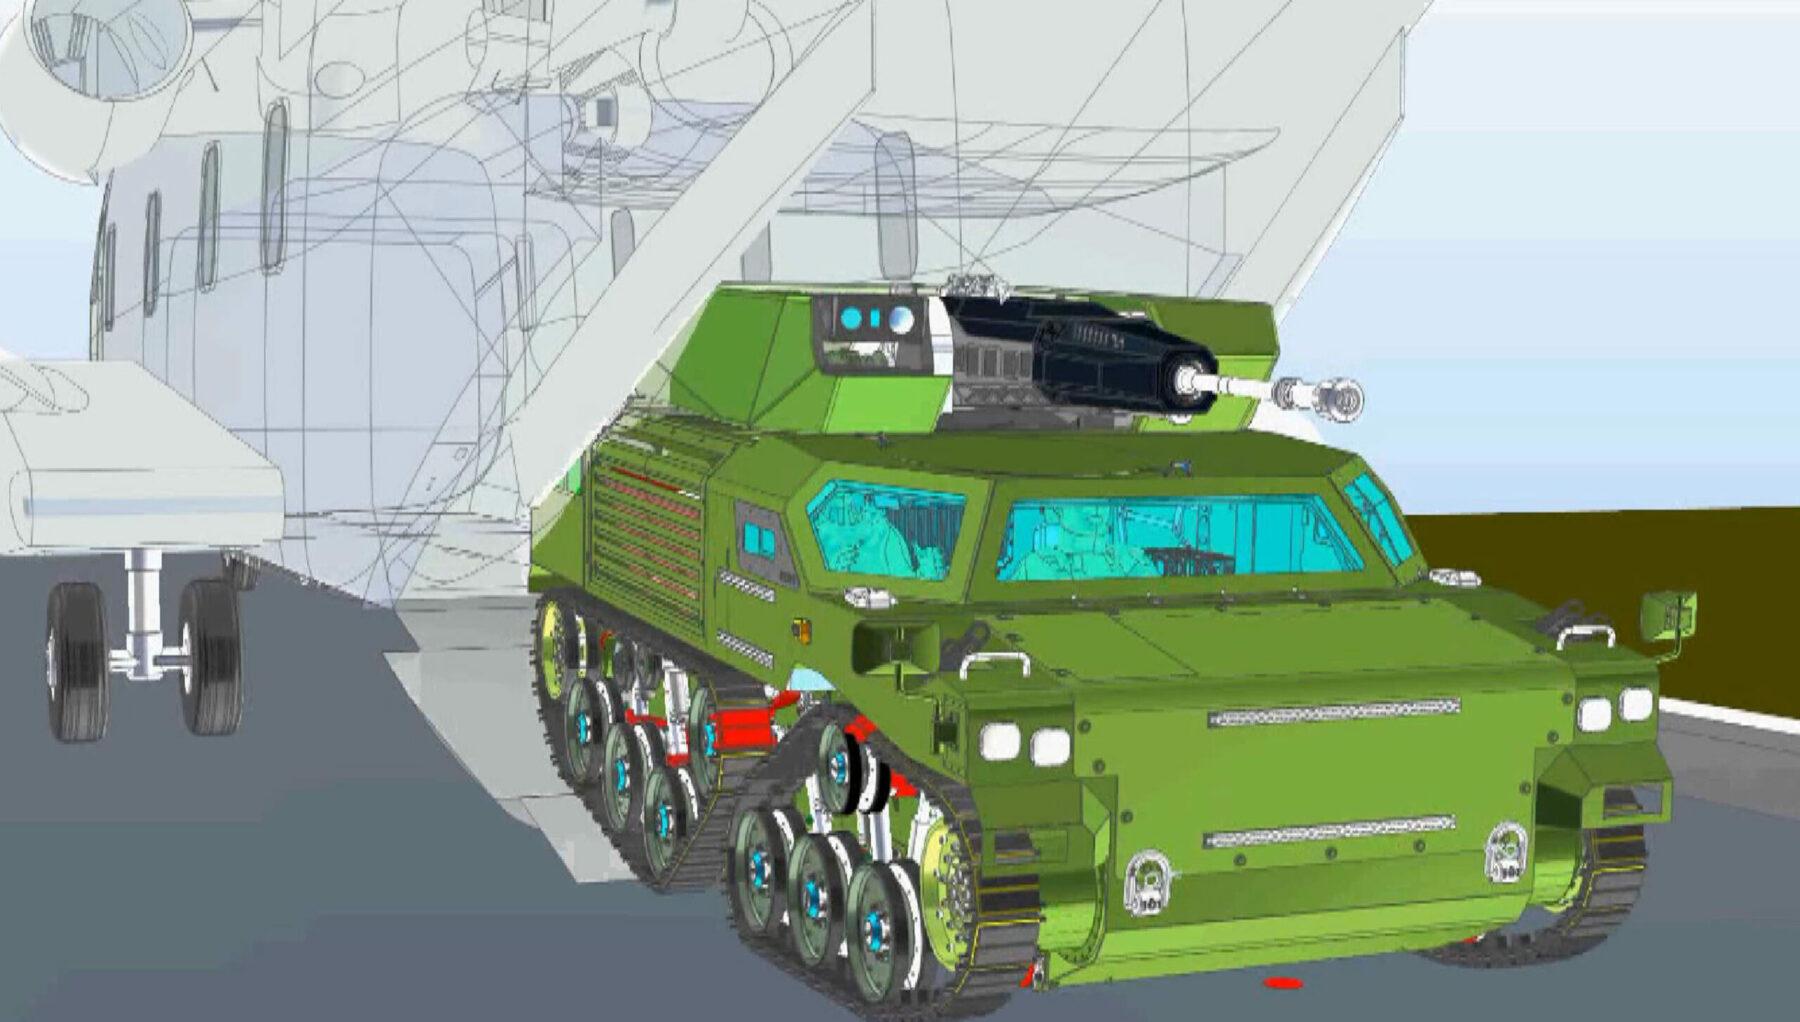 Bild-5-Visualisierung-der-Einfahrt-des-GSD-LuWa-in-den-MTH-CH-53-scaled-e1627898357870.png